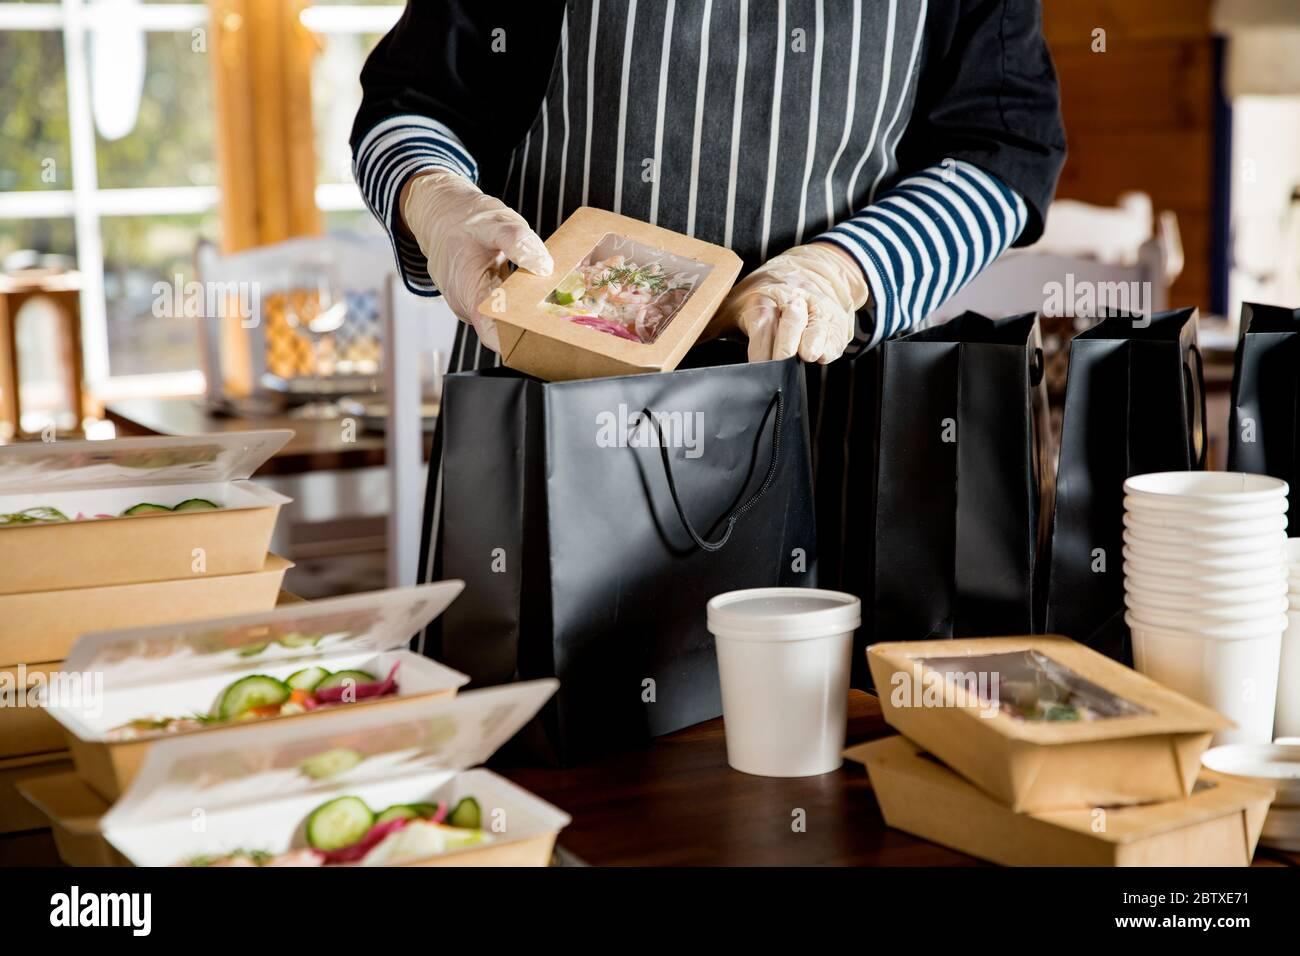 Operaio del ristorante che indossa maschera protettiva e guanti che imballano il cibo in scatola take away. Servizi di consegna di cibo e shopping di cibo senza contatto in linea. Foto Stock